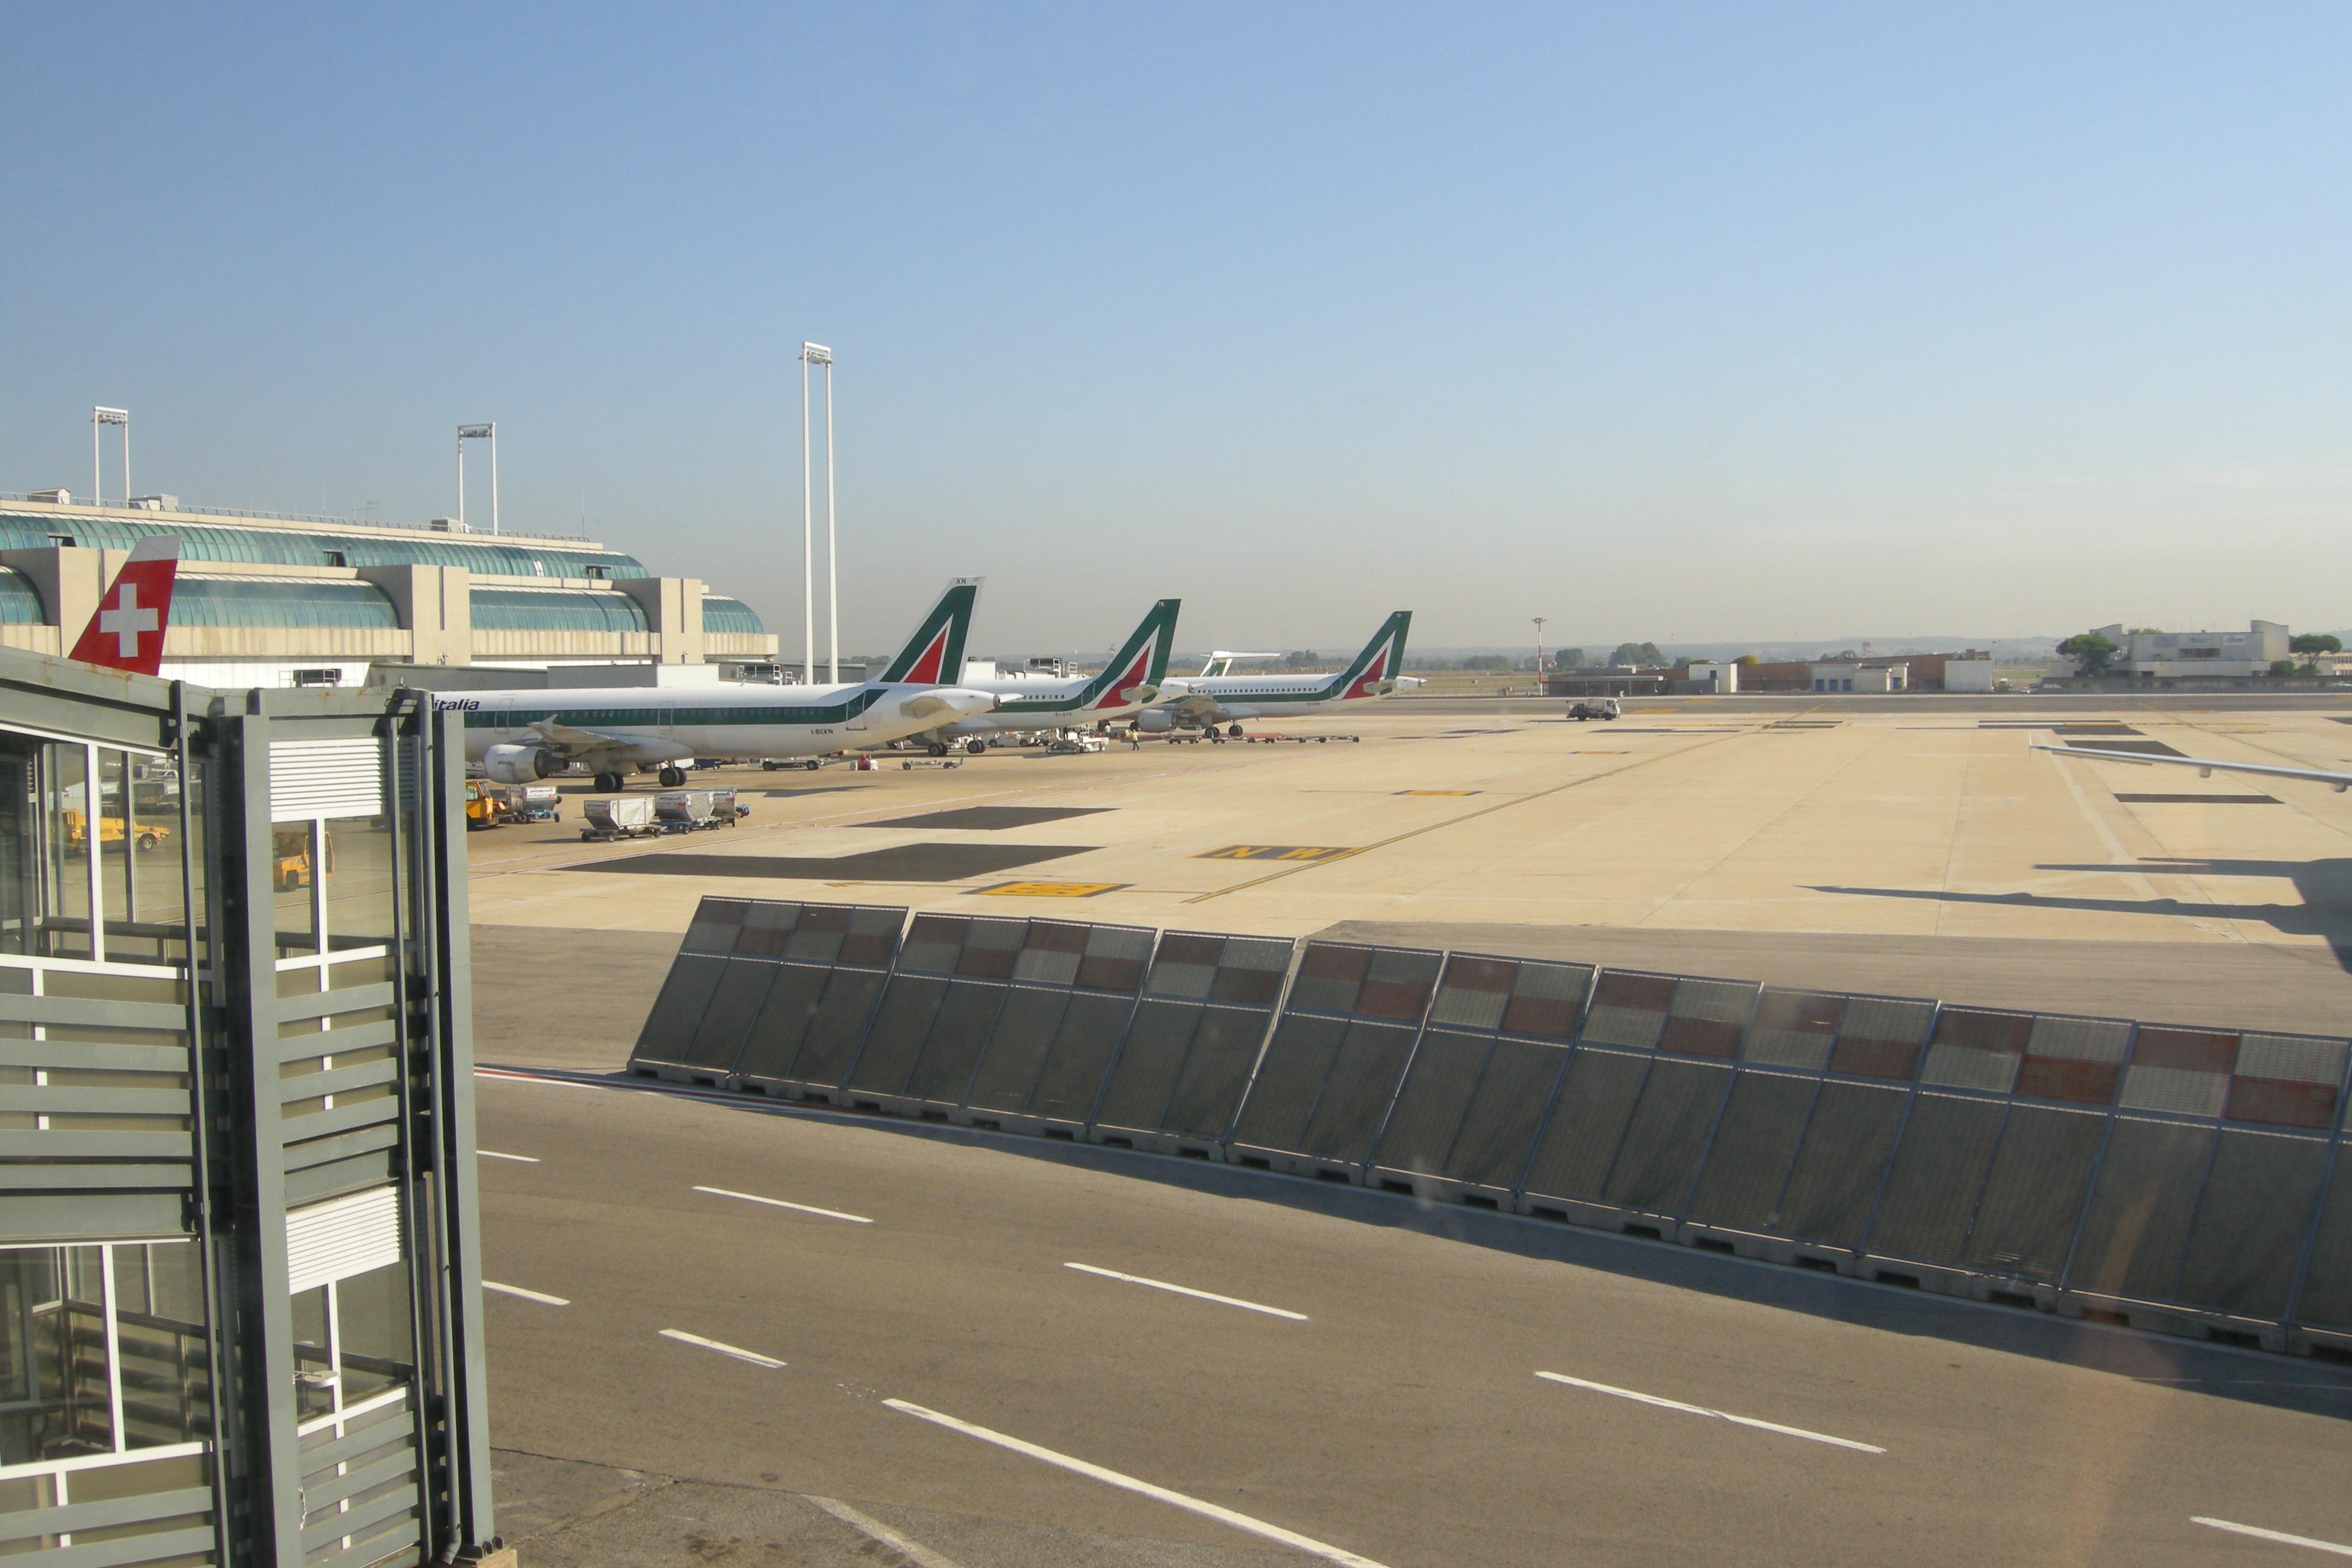 Rome_Leonardo_da_Vinci_(Fiumicino)_Airport_01